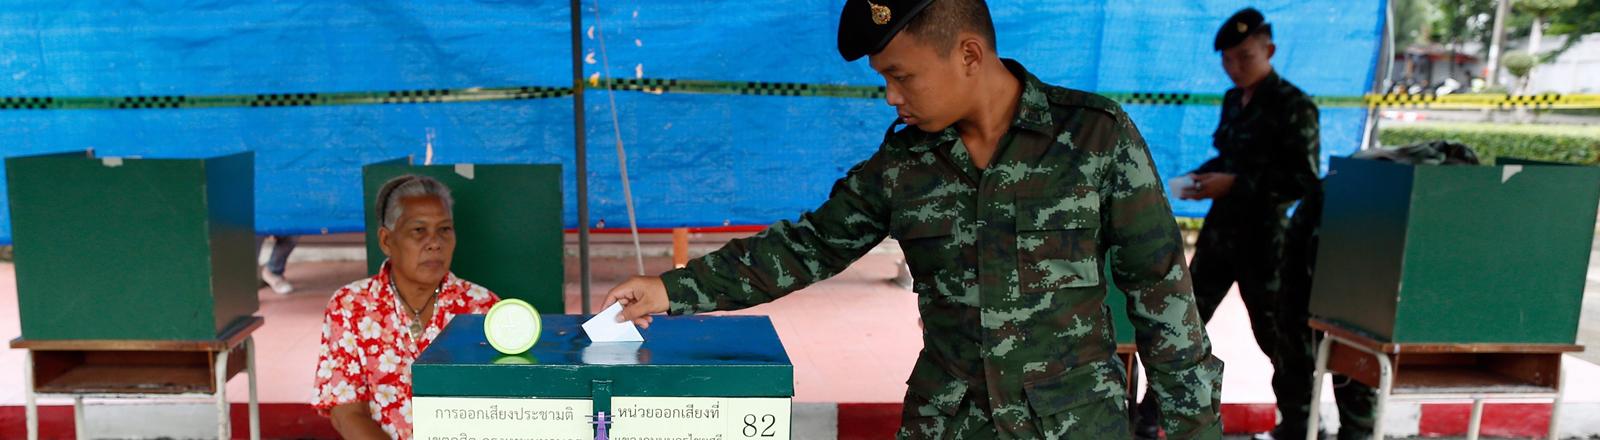 Ein Soldat in Uniform stimmt über die neue Verfassung in Thailand ab.